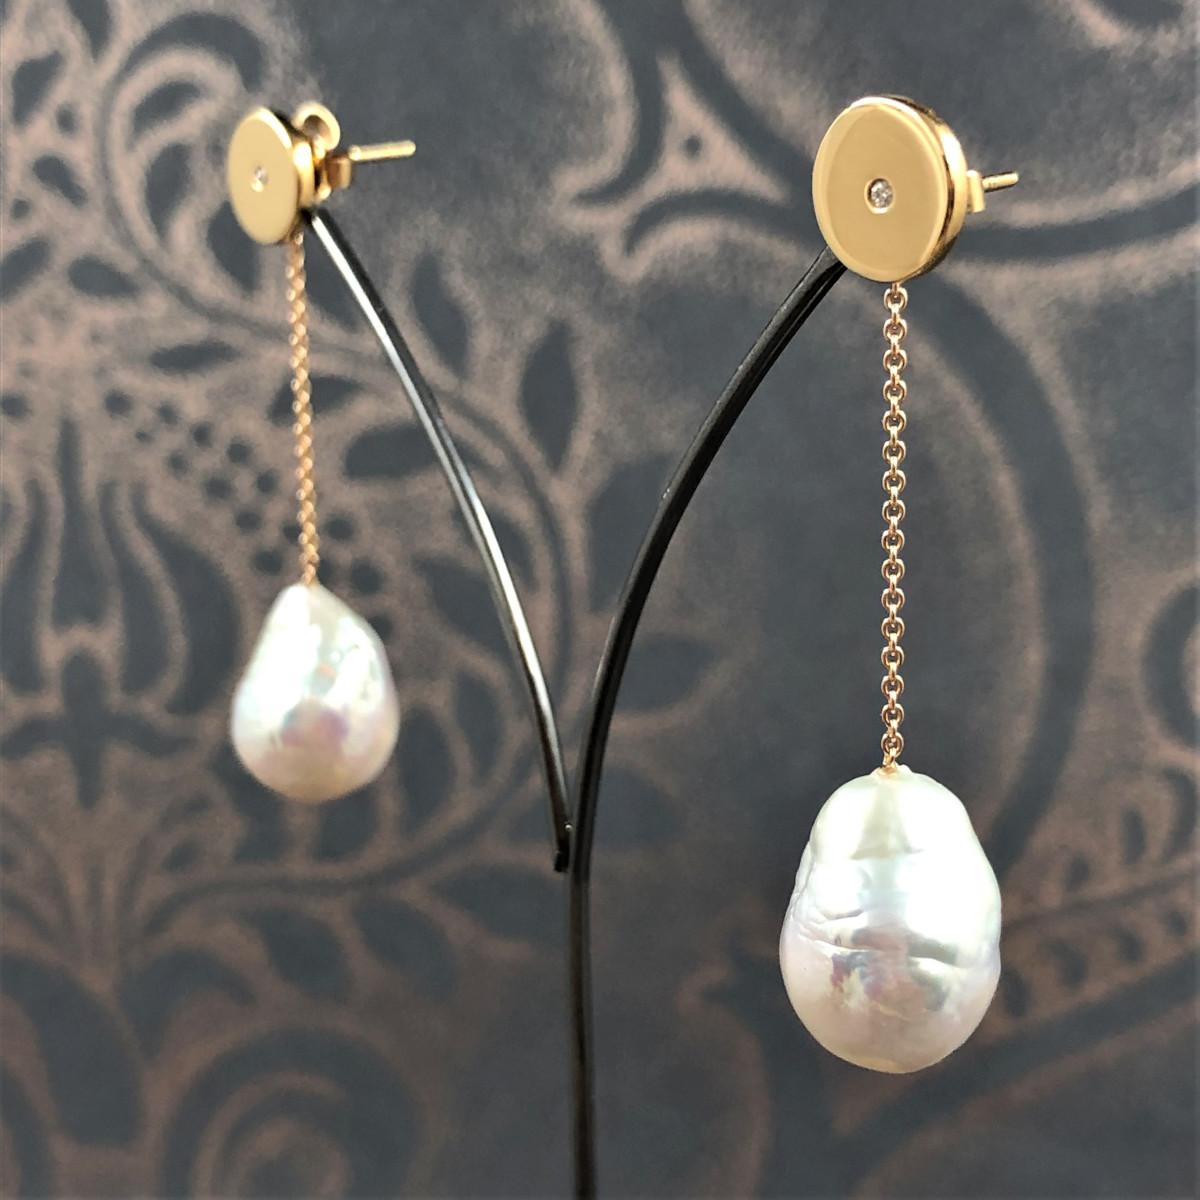 Örhängen, hängande örhängen, pärlörhängen